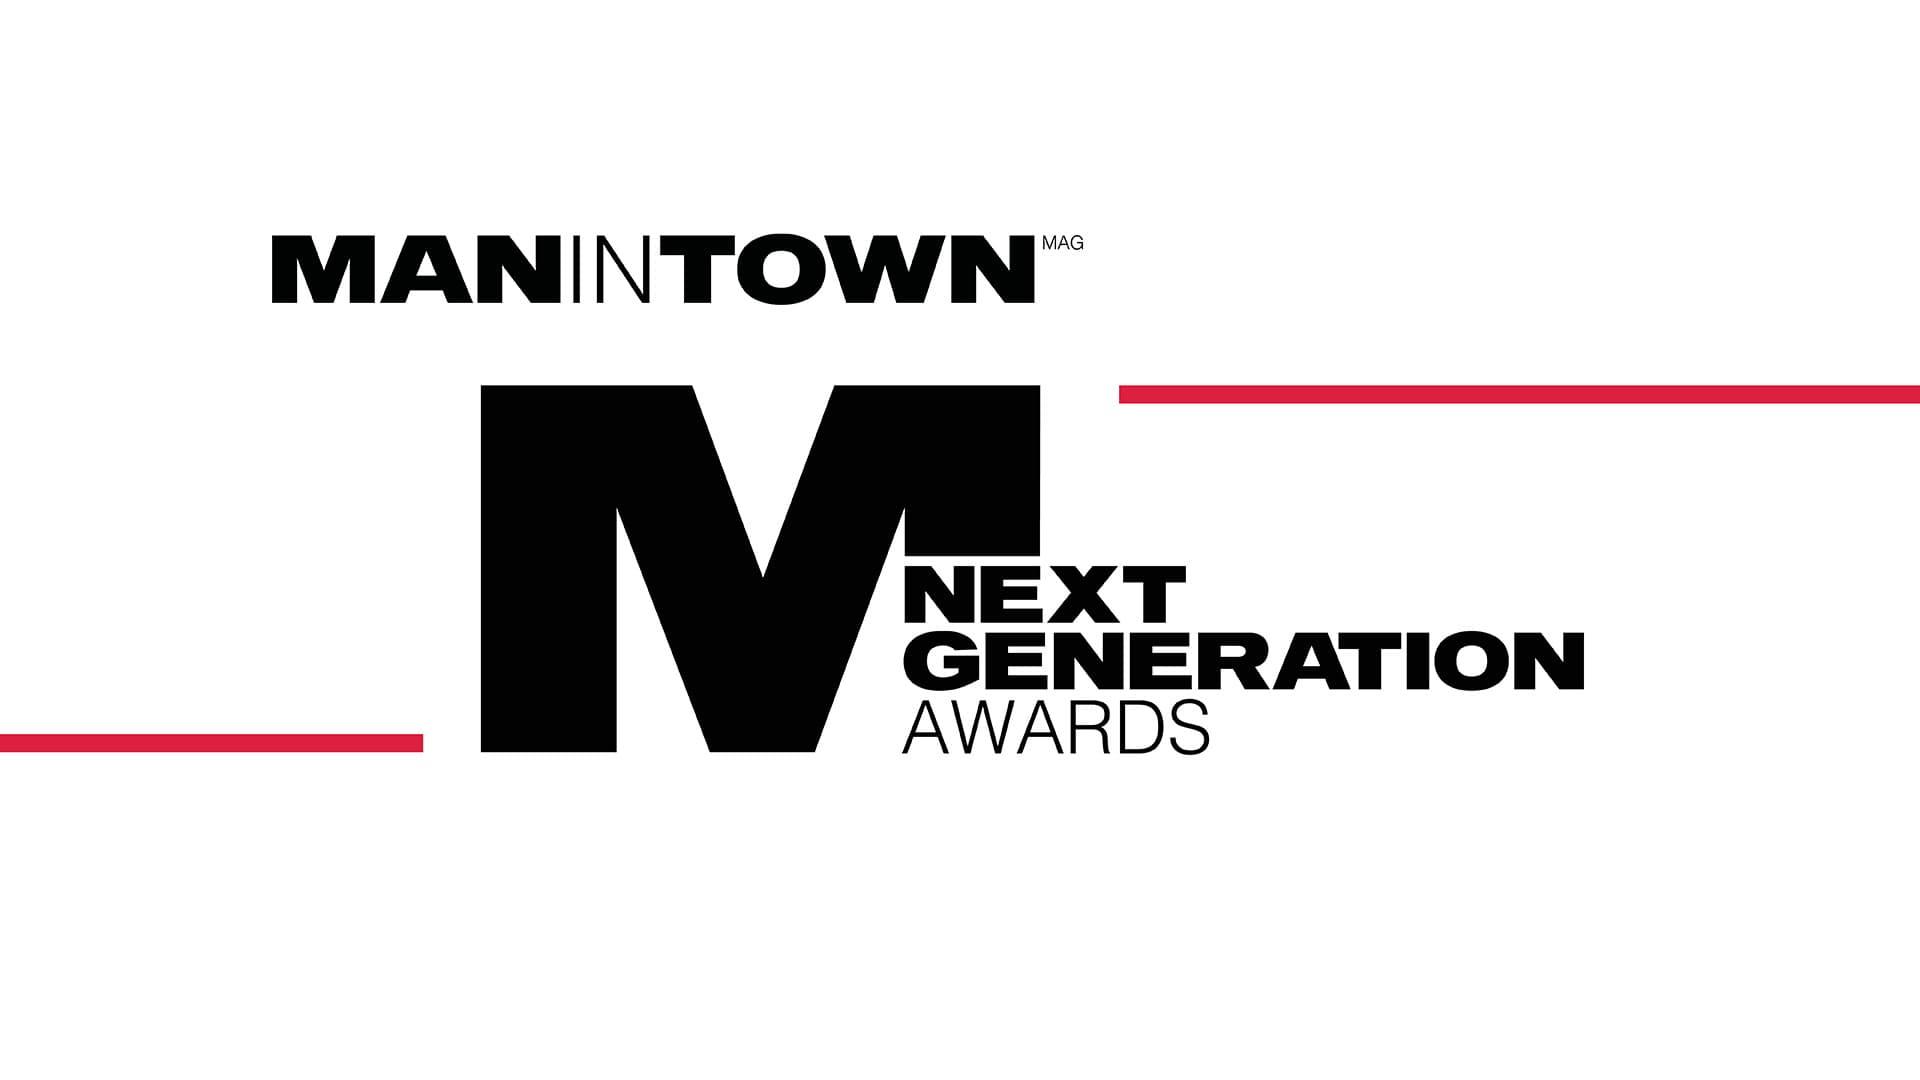 Il logo dei Next Gereation Awards: il premio di Man In Town dedicato ai nuovi talenti